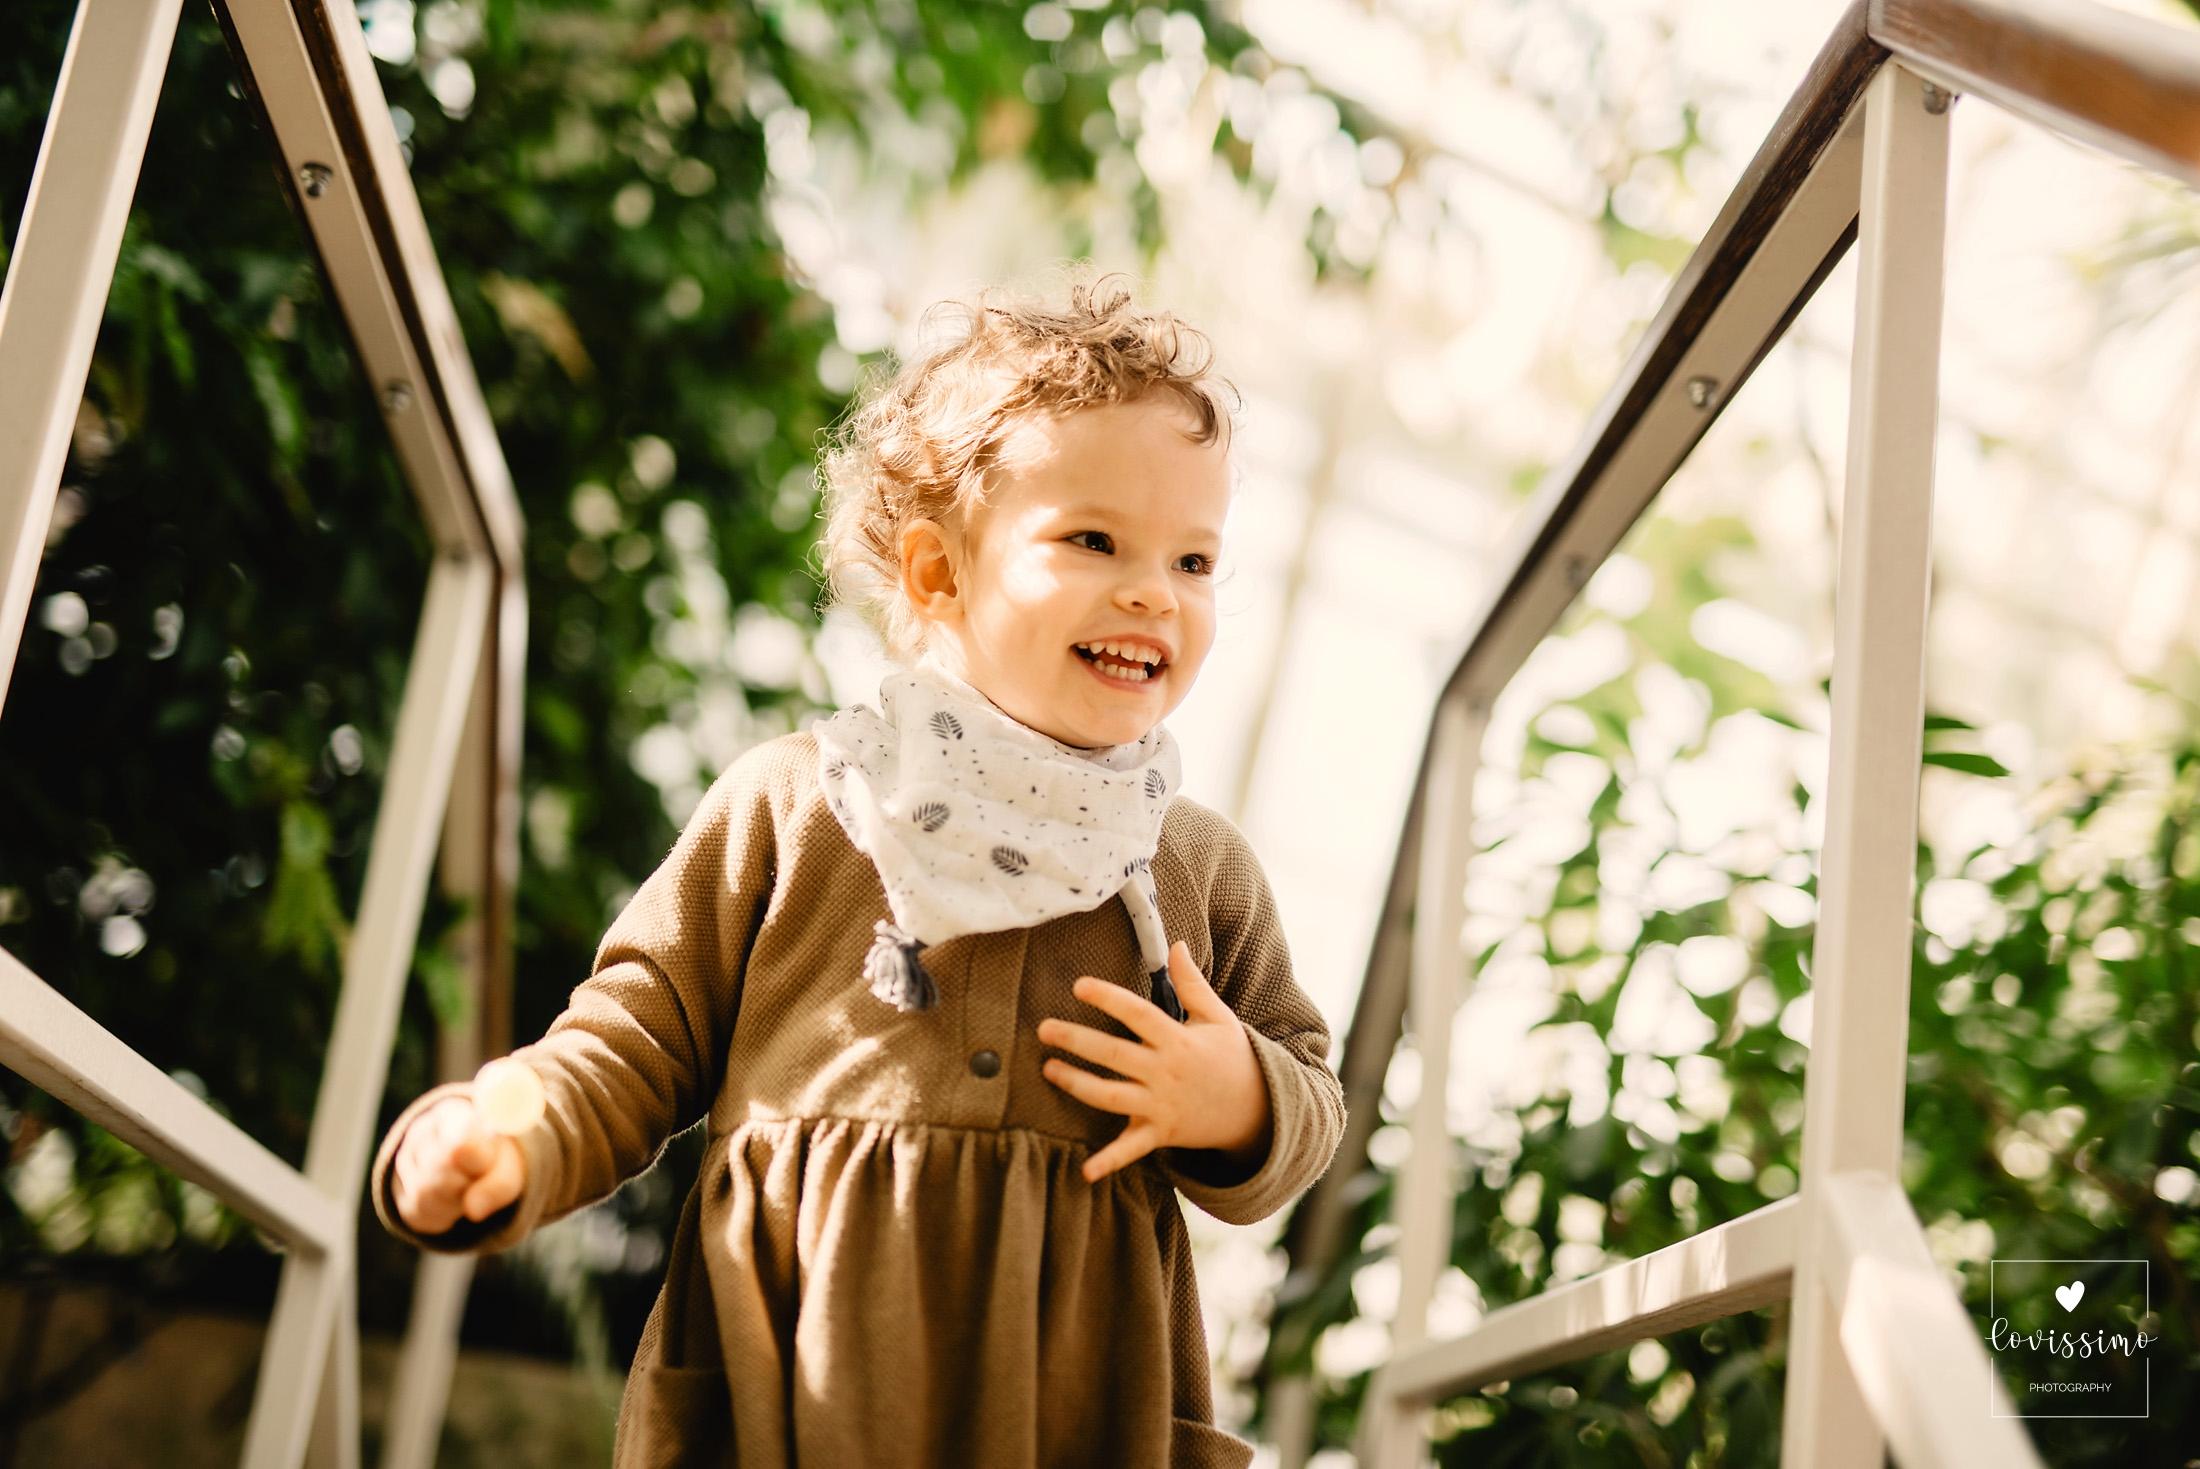 Sesja dziecięca w Wiedniu, fotograf dziecięcy Rzeszów